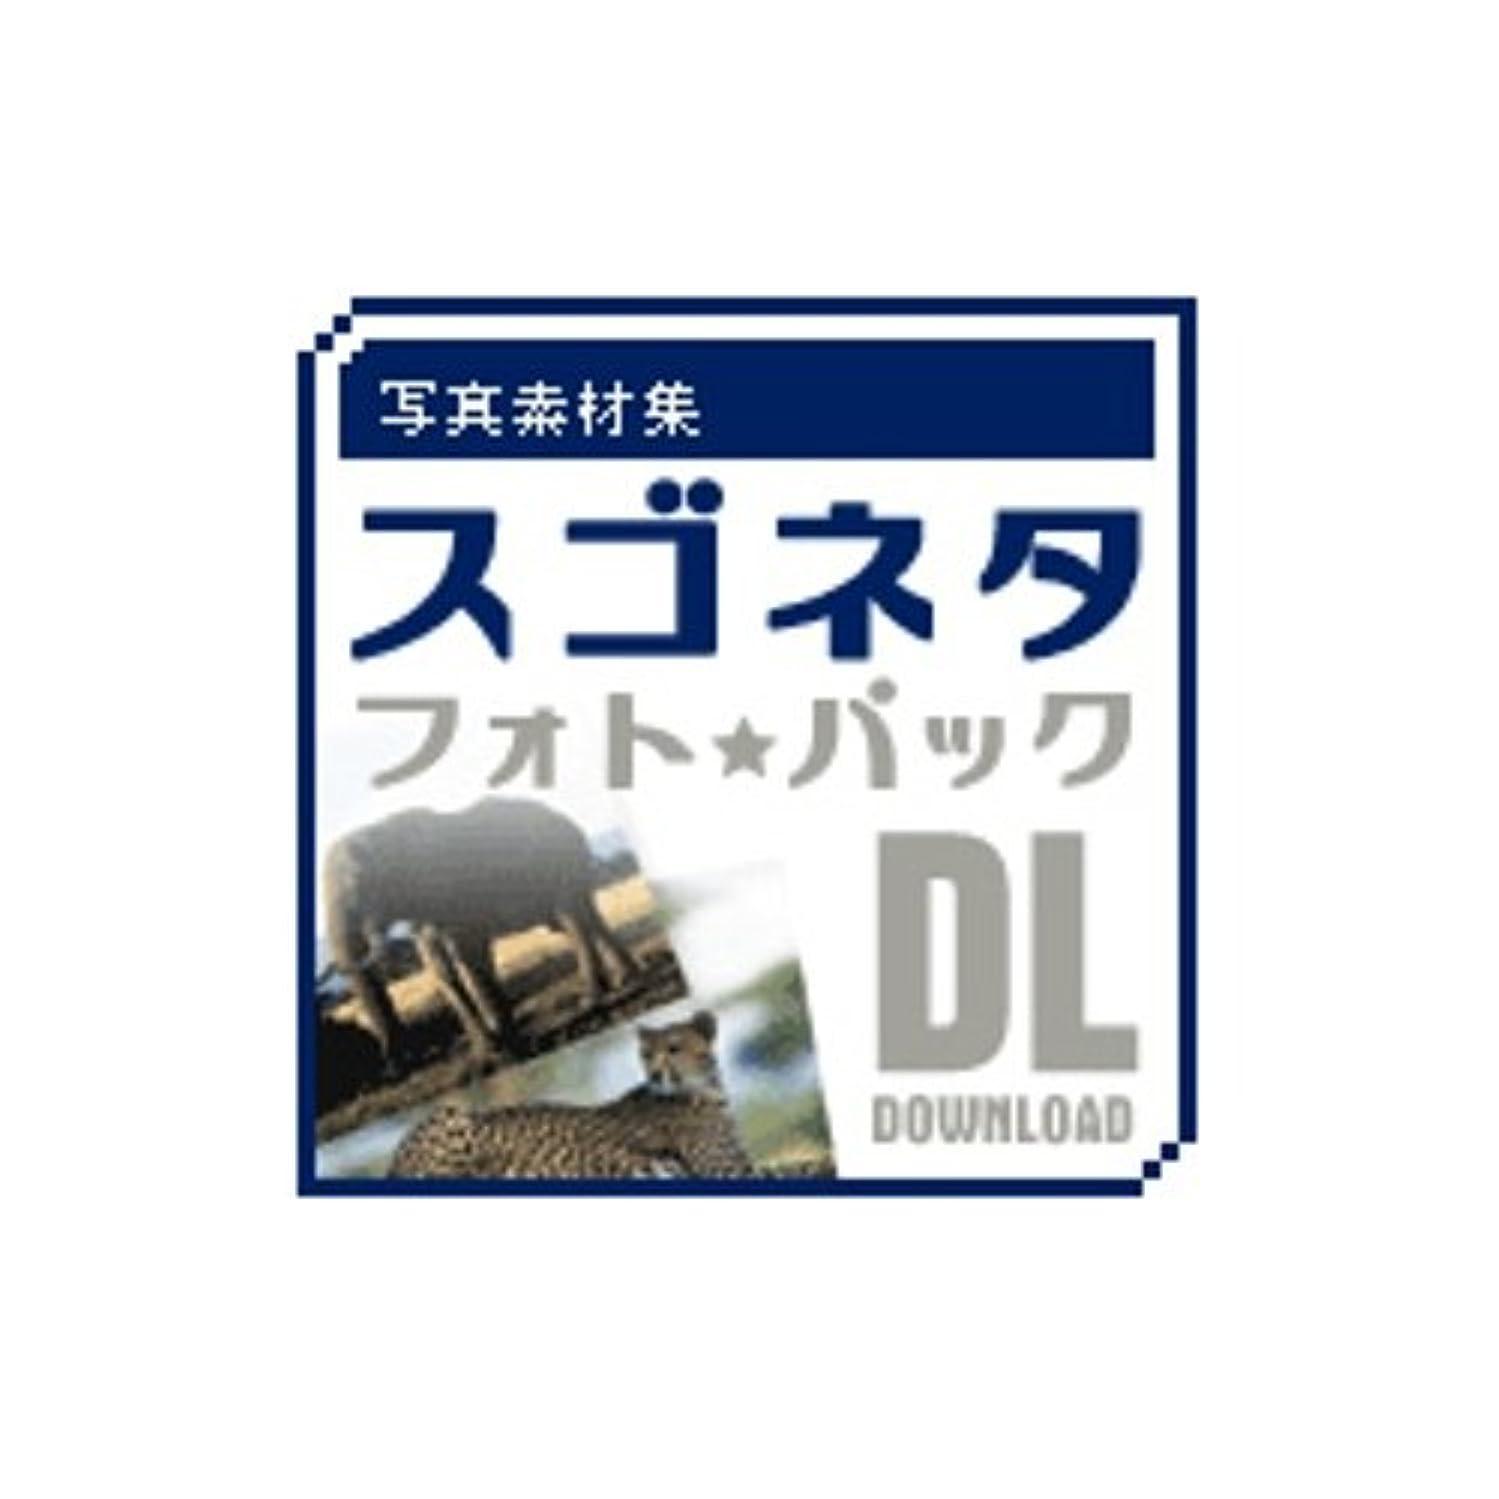 調停者オペレーター収縮写真素材集 スゴネタフォトパック 食材アレンジ DL [ダウンロード]